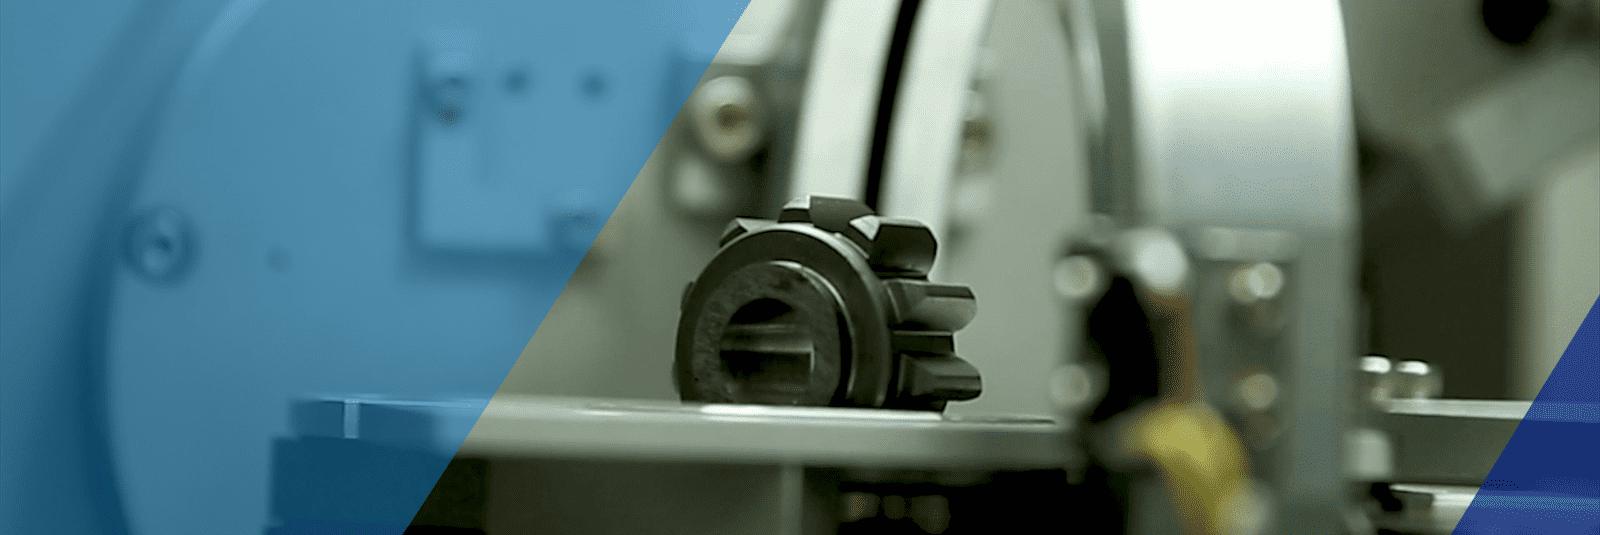 Surface & Metallurgical Analysis